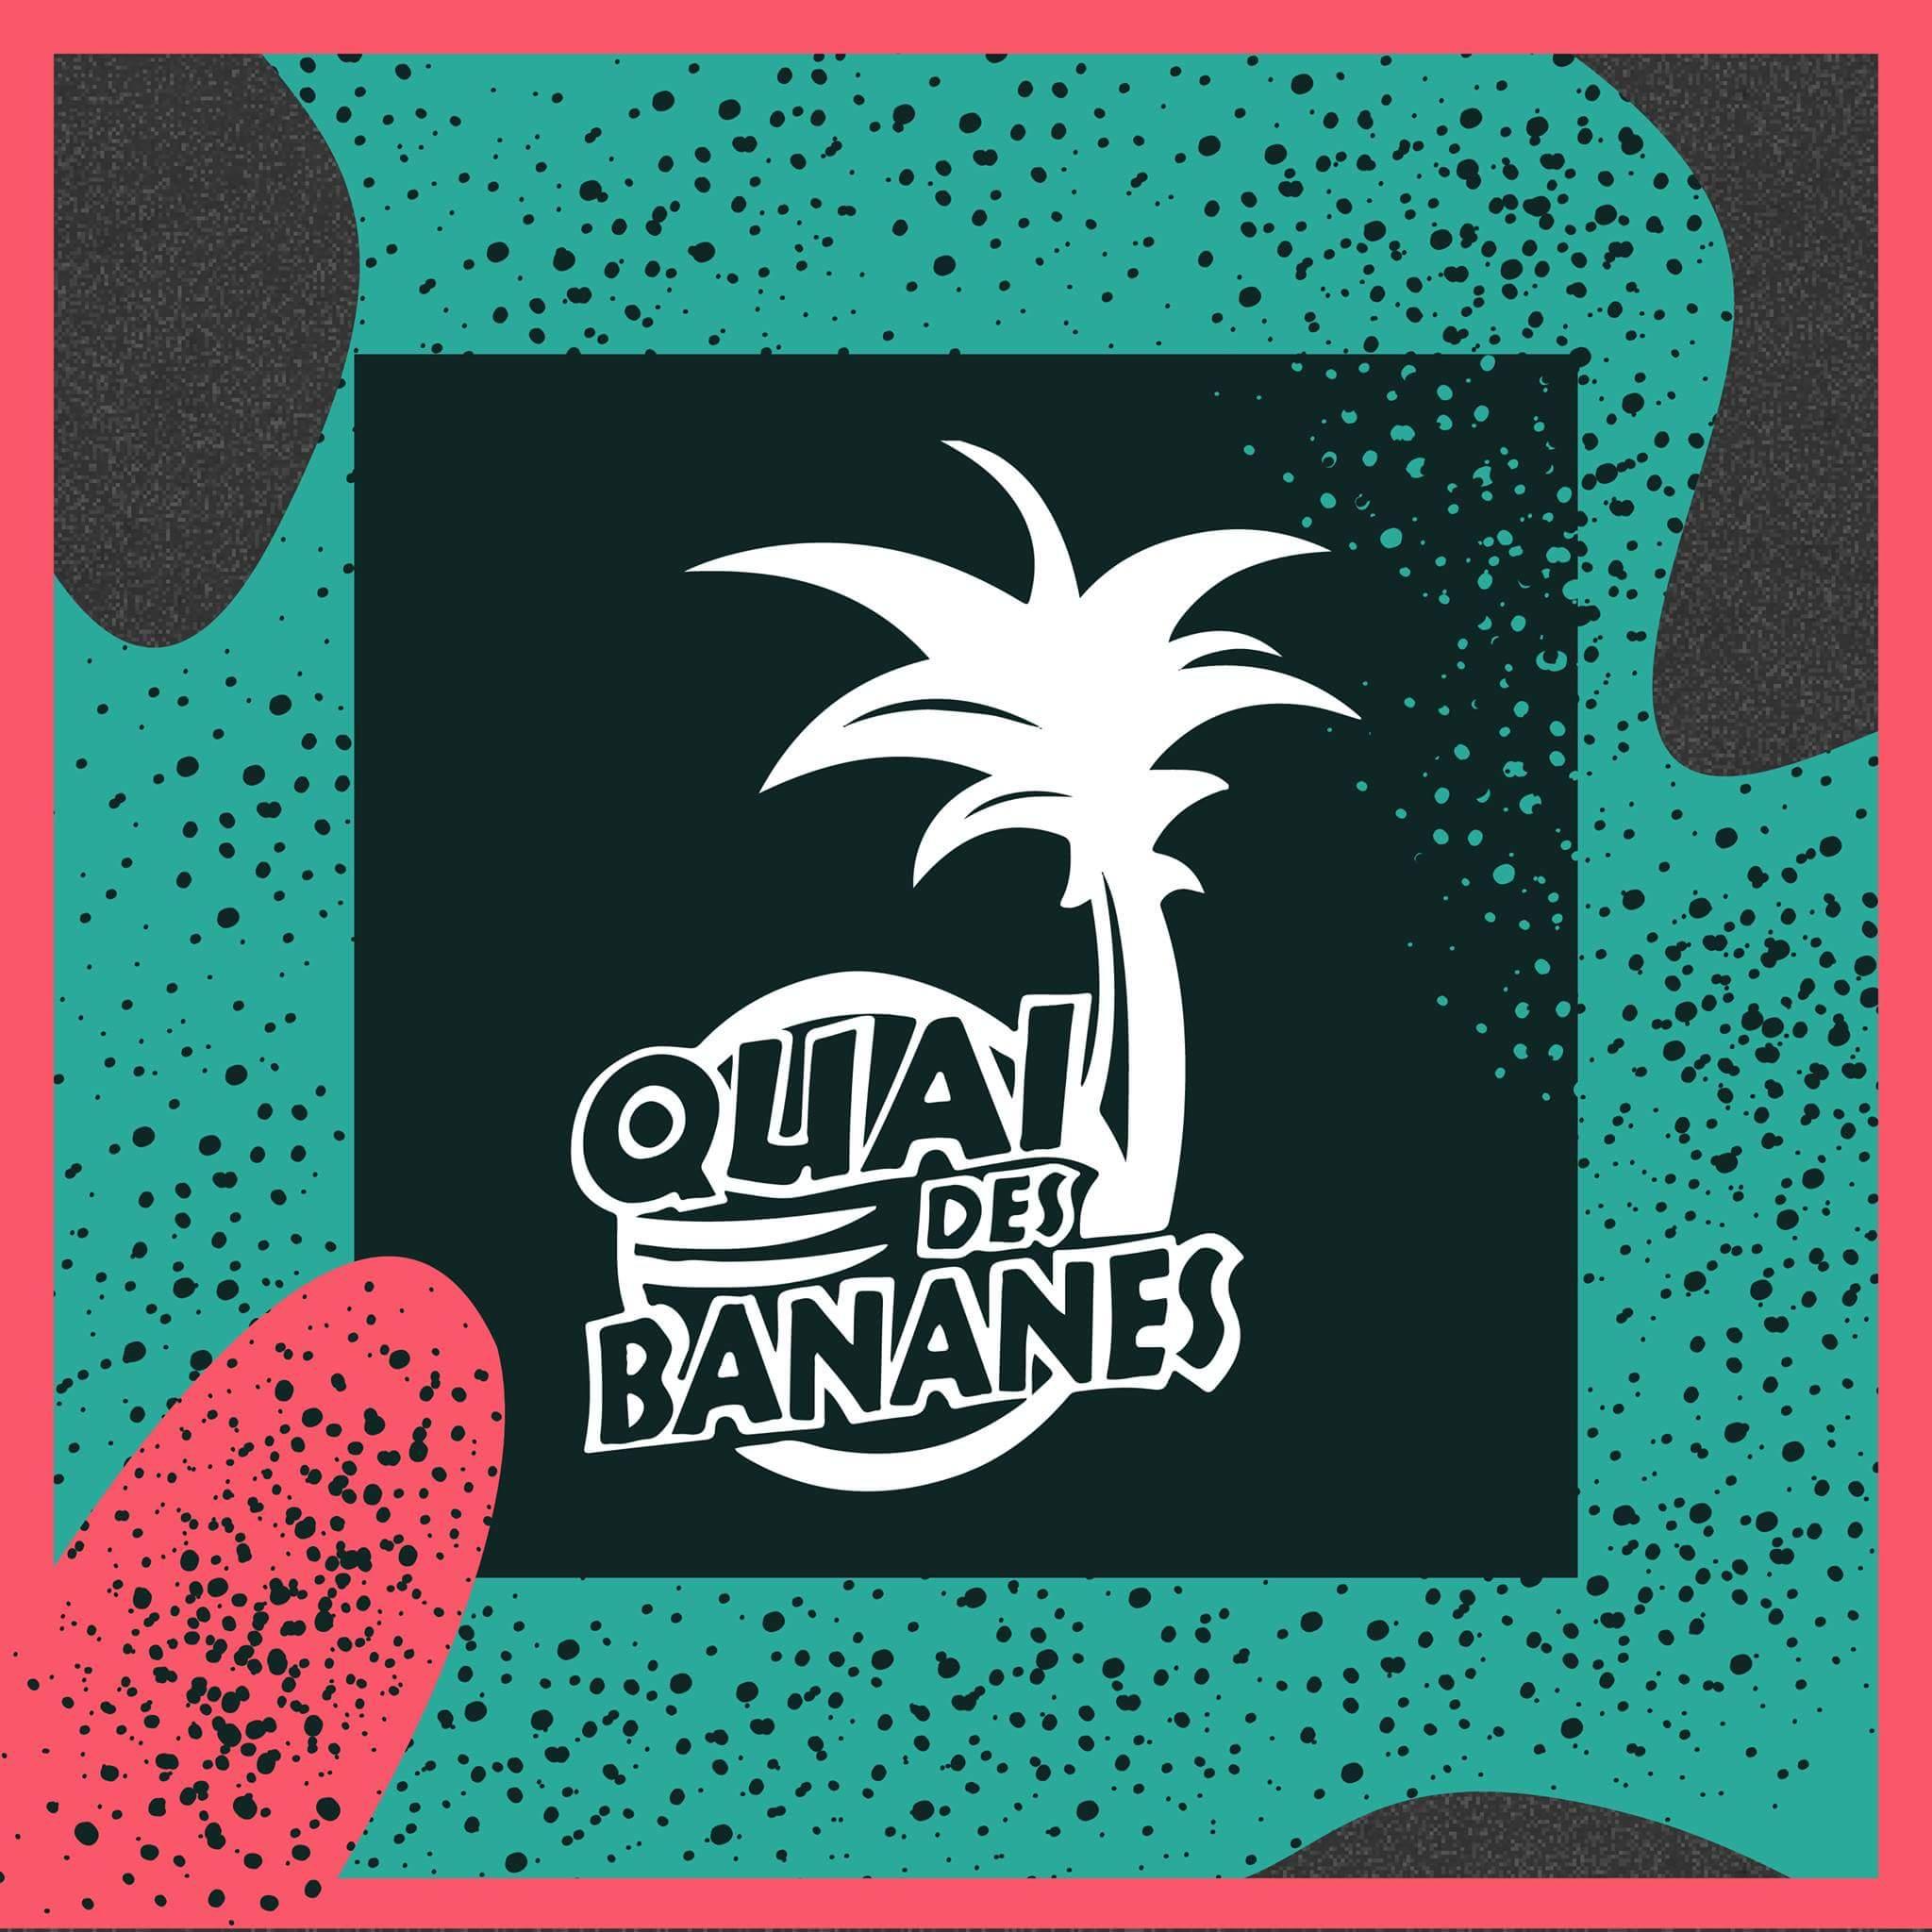 Quai-bananes-softlove